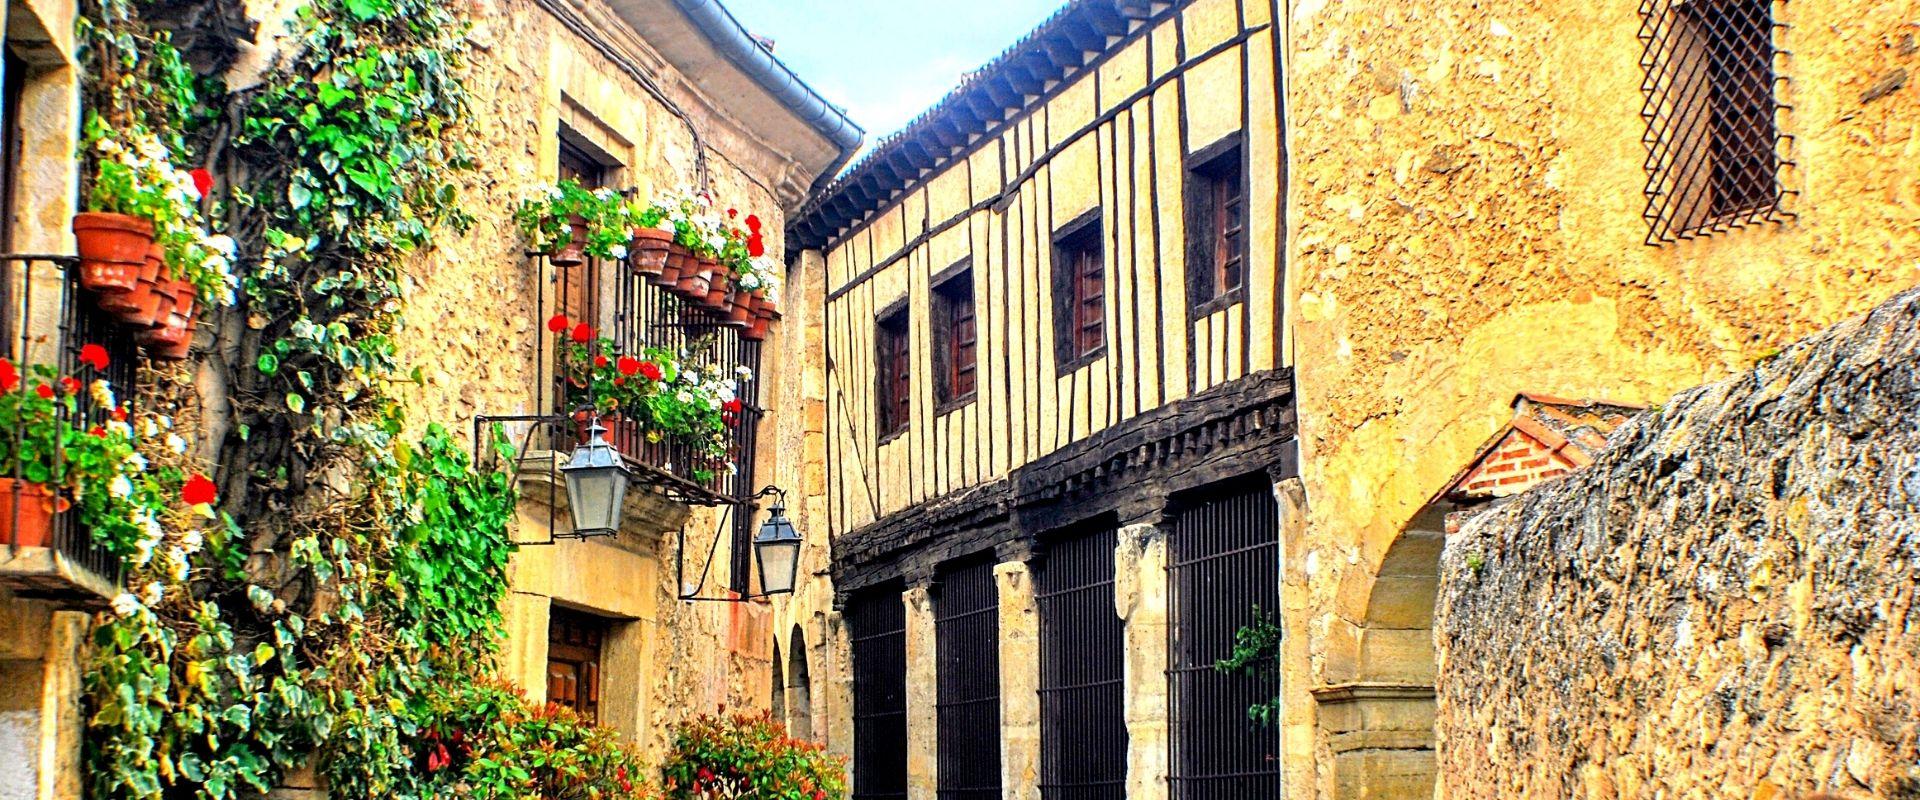 Viaje en grupo a Segovia | Rutas Salvajes | Viajar Solo en Grupo Organizado